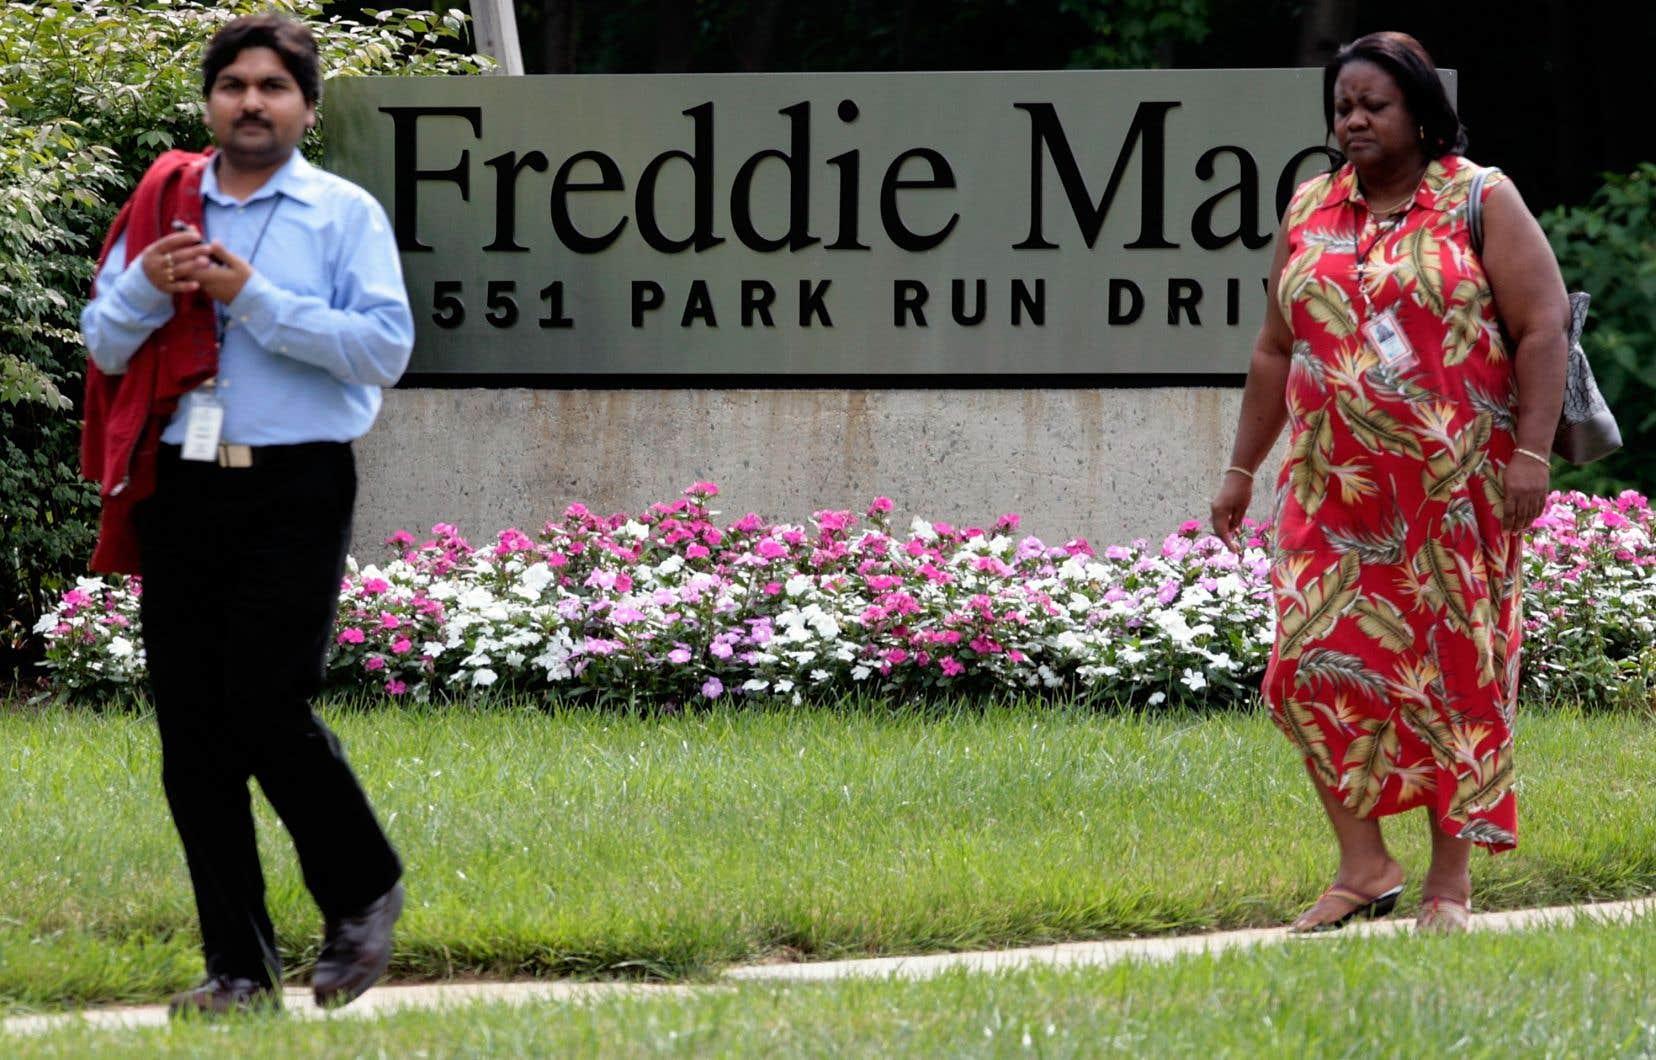 Selon Mark Calabria, directeur de l'agence de financement du logement, à eux seuls, Fannie Mae et Freddie Mac garantissent près de la moitié du volume des crédits immobiliers aux États-Unis.